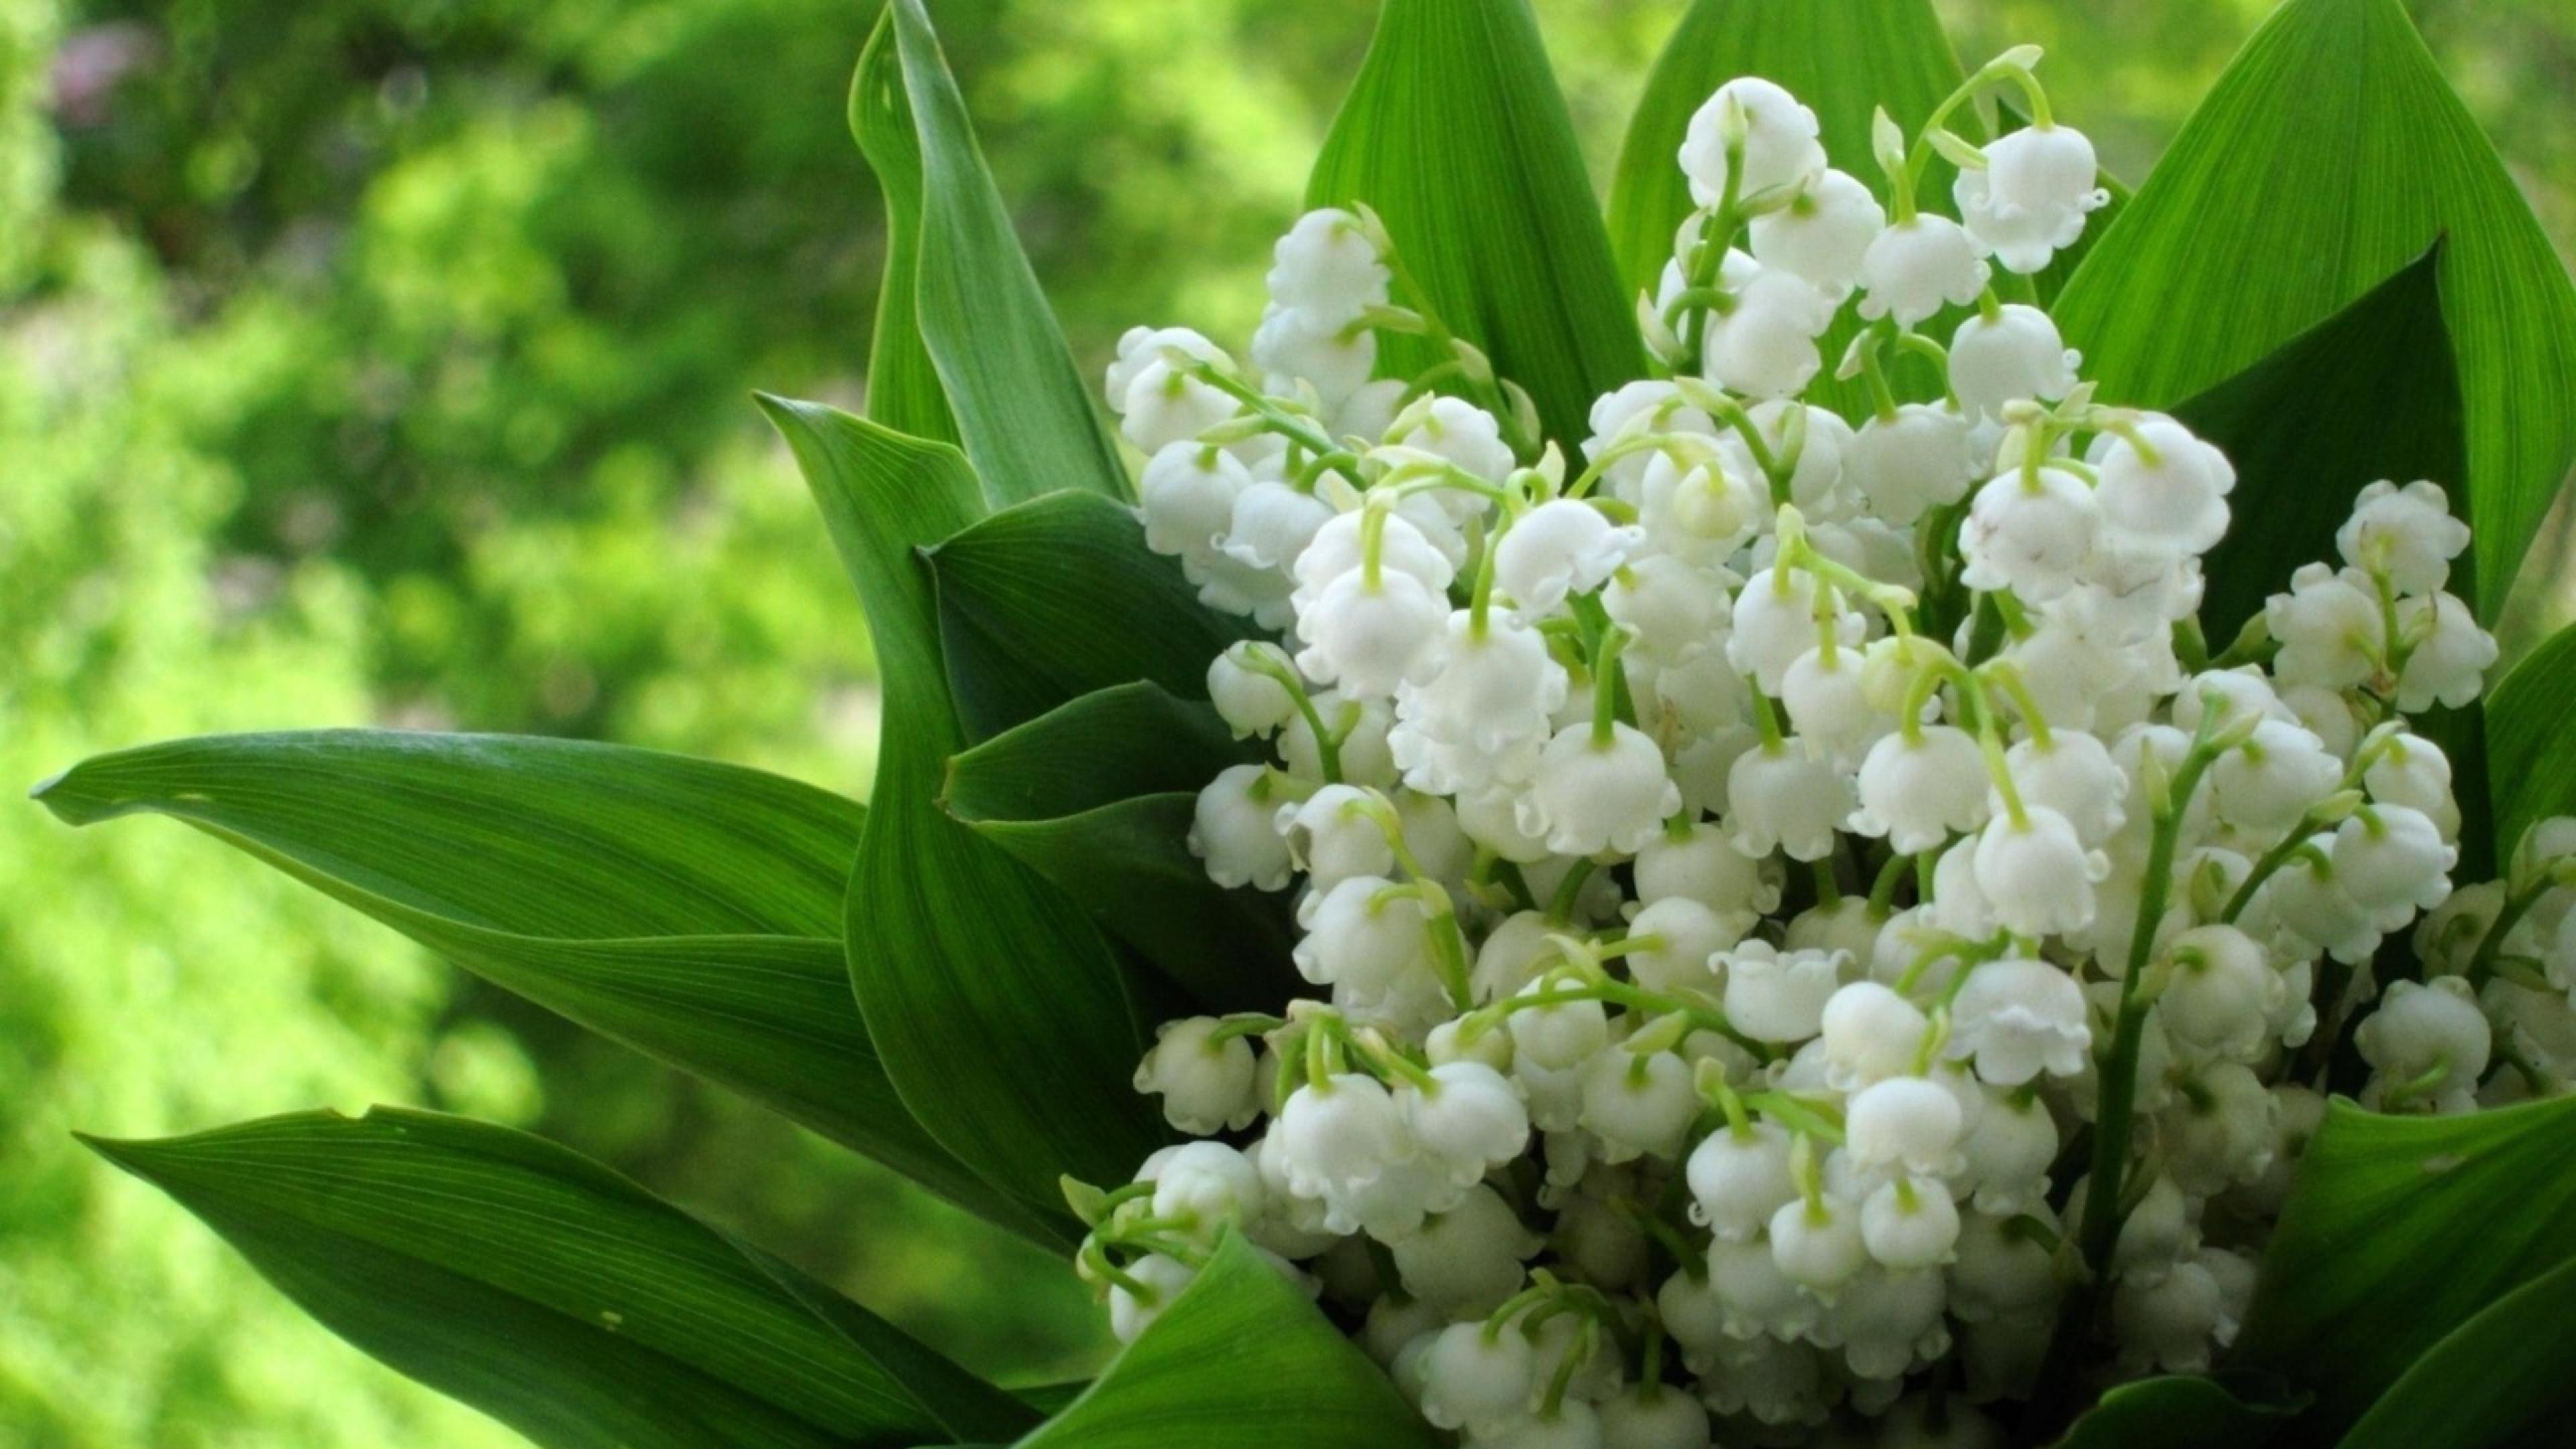 Hoa linh lan hay còn gọi là hoa lan chuông cực đẹp